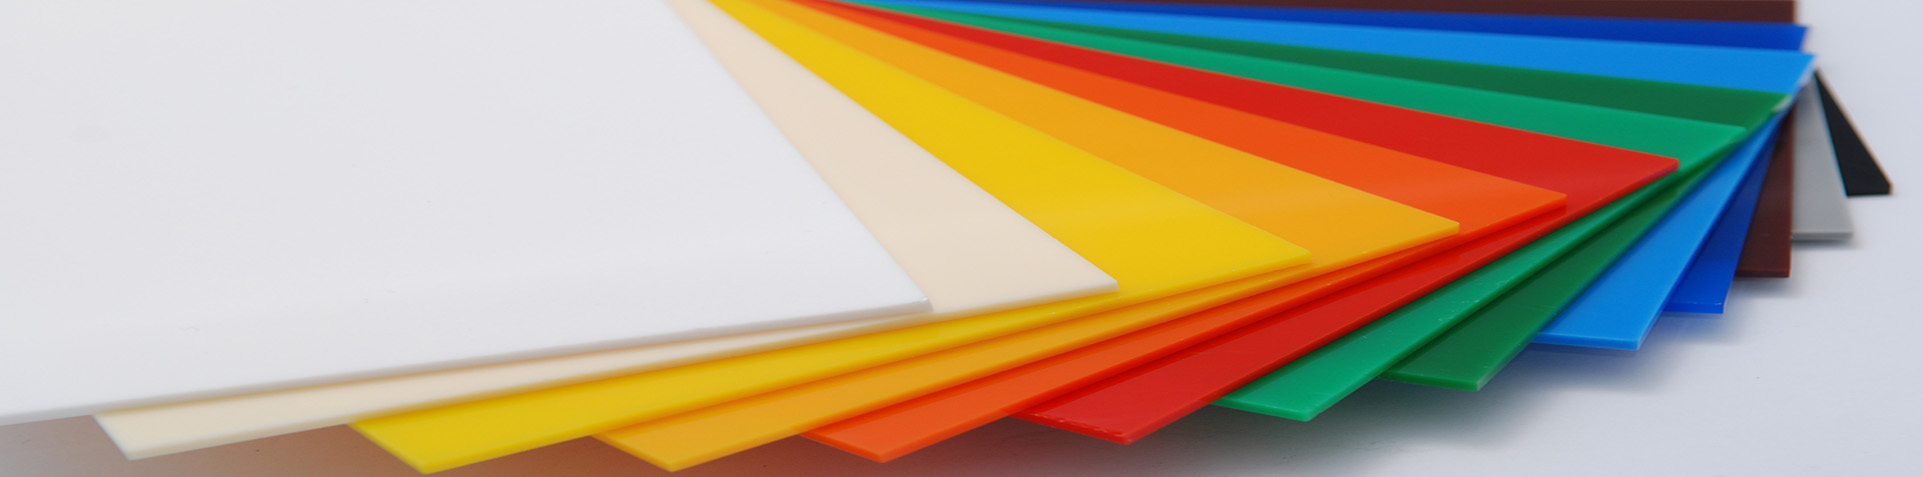 Tấm nhựa lấy sáng thông minh polycarbonate Sơn Băng